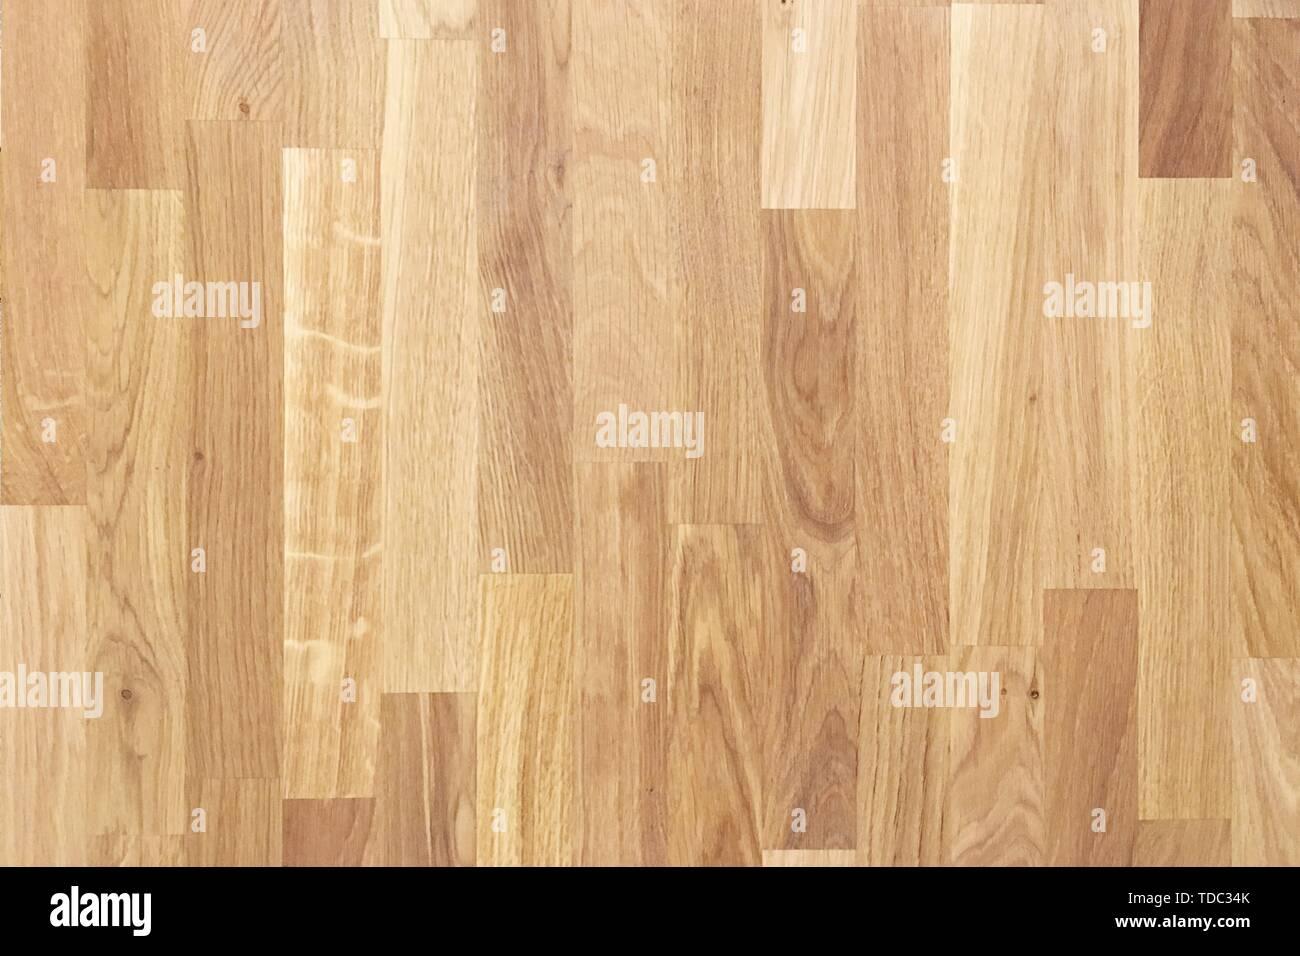 wooden parquet texture, wood floor background - Stock Image